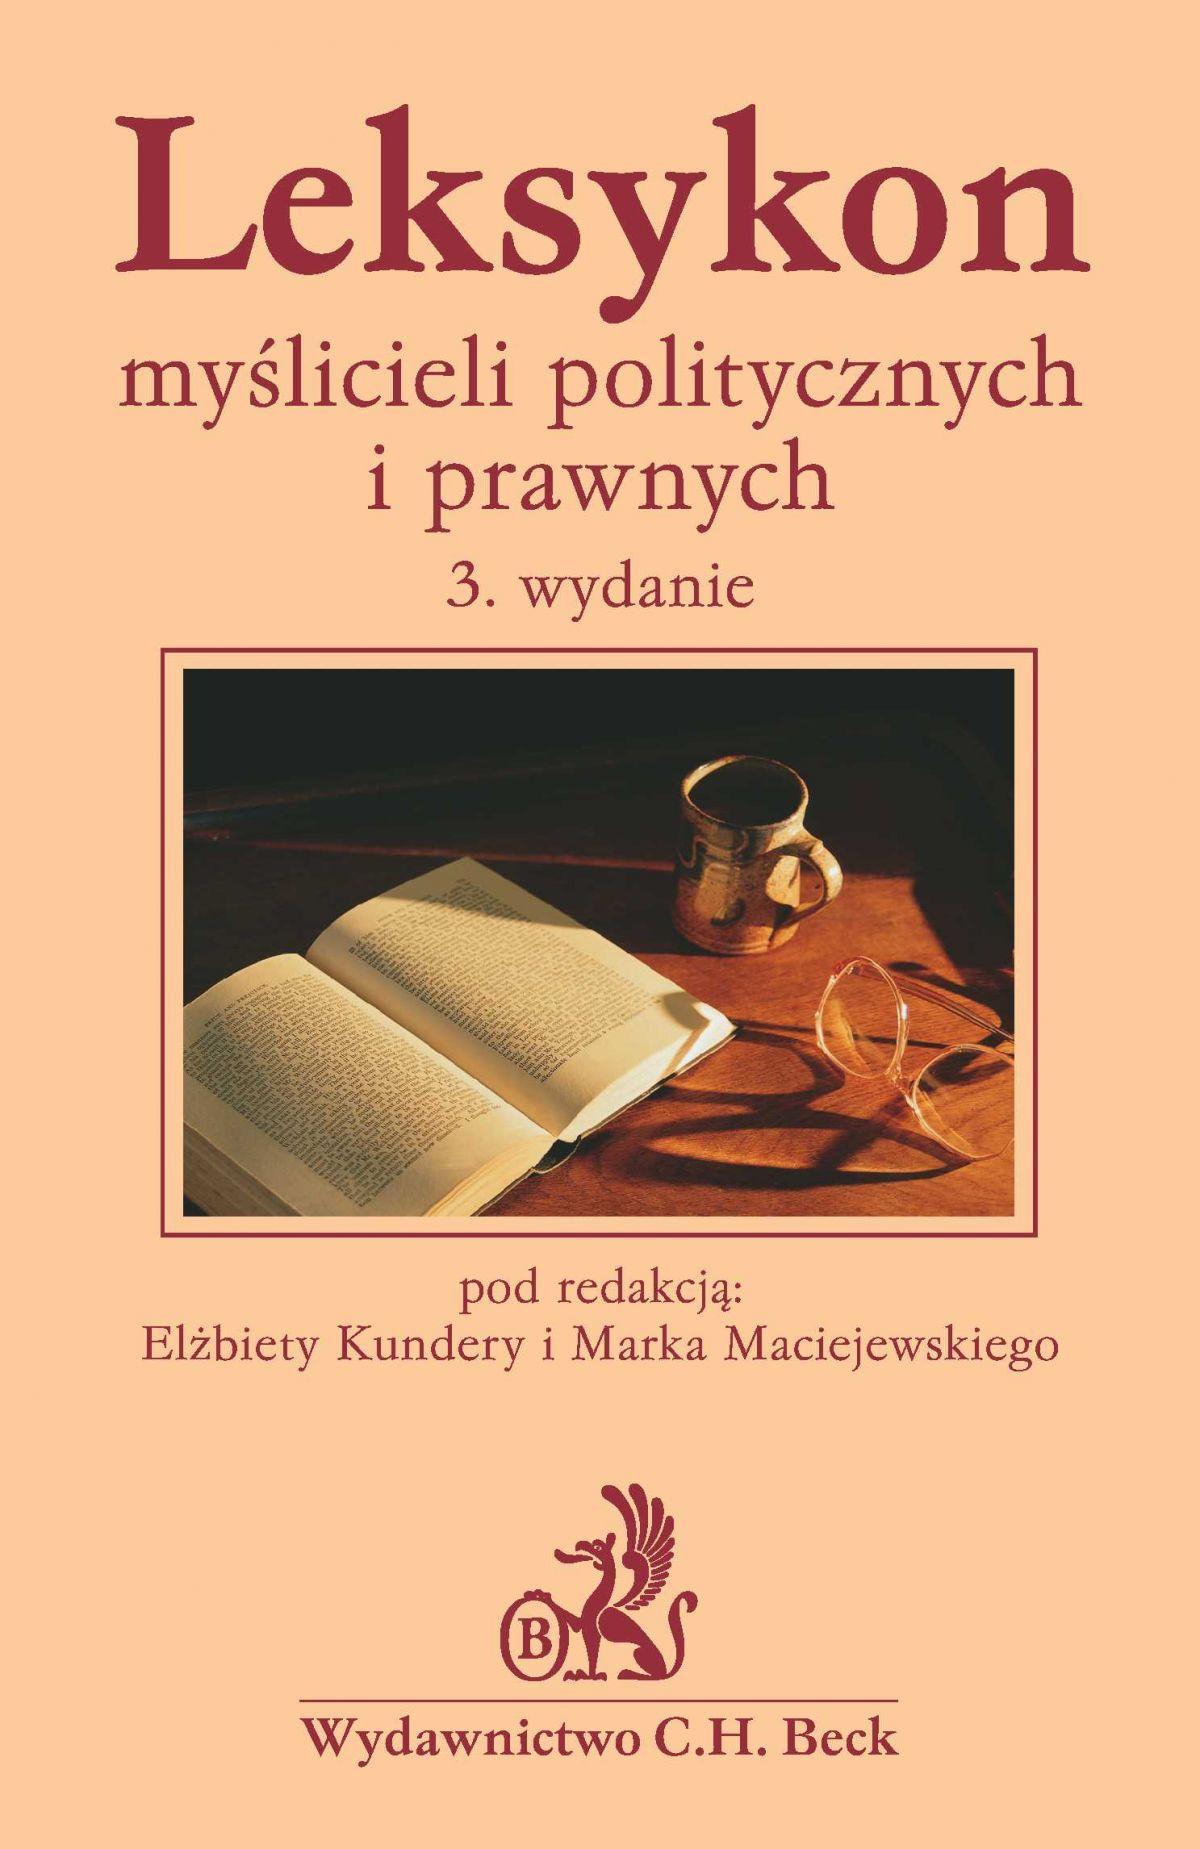 Leksykon myślicieli politycznych i prawnych - Ebook (Książka PDF) do pobrania w formacie PDF